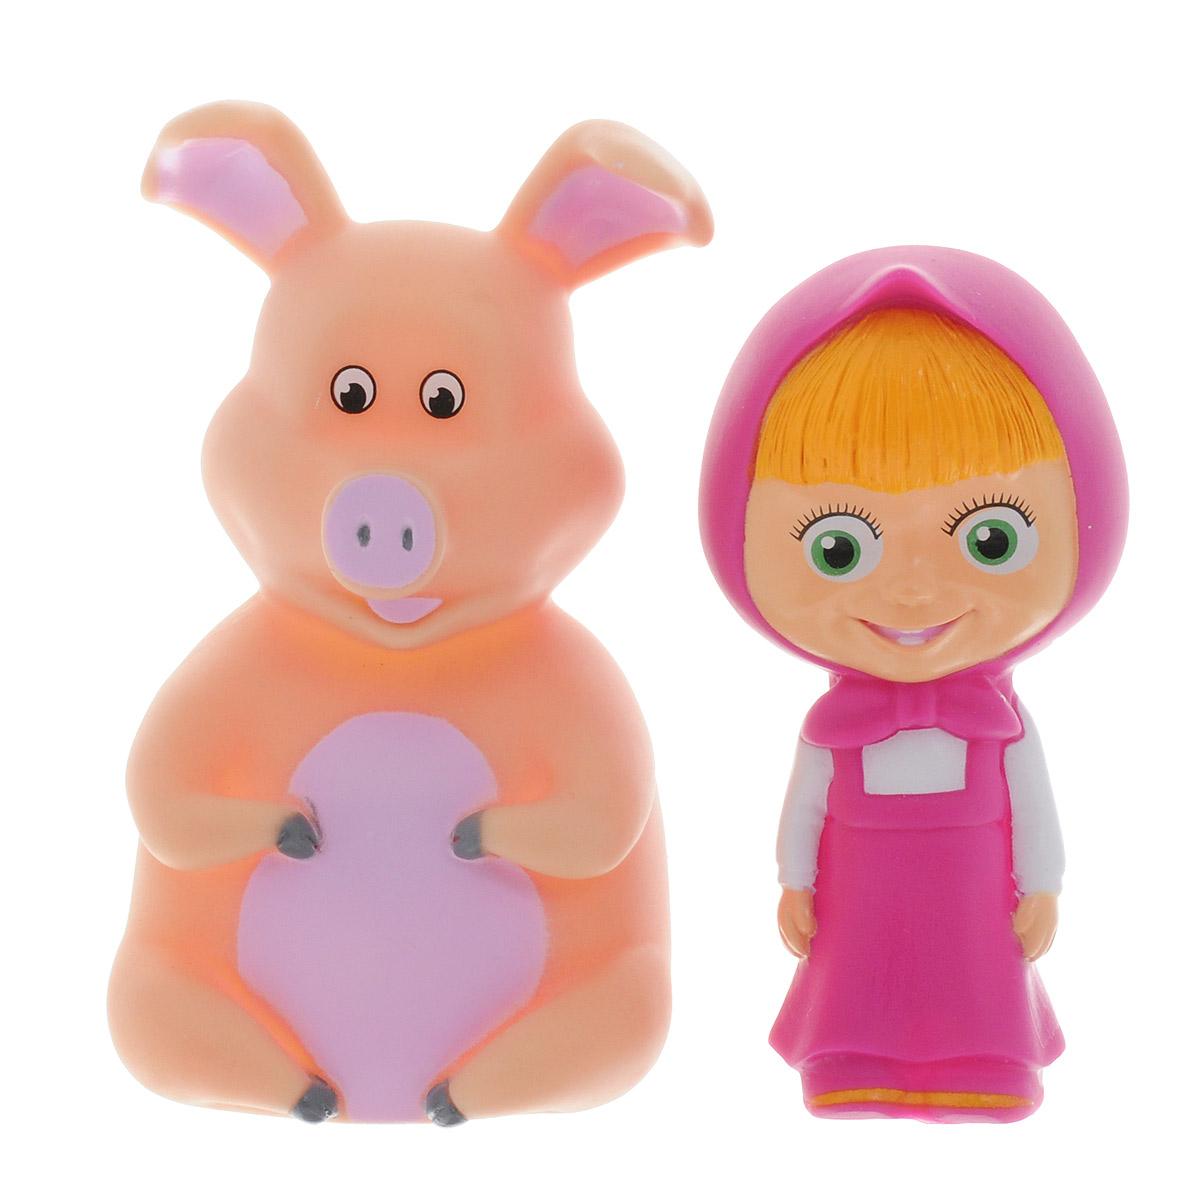 Играем вместе Набор игрушек для ванной Маша и свинья 2 шт165R-166R-167R-PVC_свиньяС набором игрушек для ванной Играем вместе Маша и свинья принимать водные процедуры станет еще веселее и приятнее. В набор входят 2 игрушки в виде Маши и свинки - героев популярного мультфильма Маша и Медведь. Игрушки могут брызгать водой и пищать. Набор доставит ребенку большое удовольствие и поможет преодолеть страх перед купанием. Игрушки для ванной способствуют развитию воображения, цветового восприятия, тактильных ощущений и мелкой моторики рук.